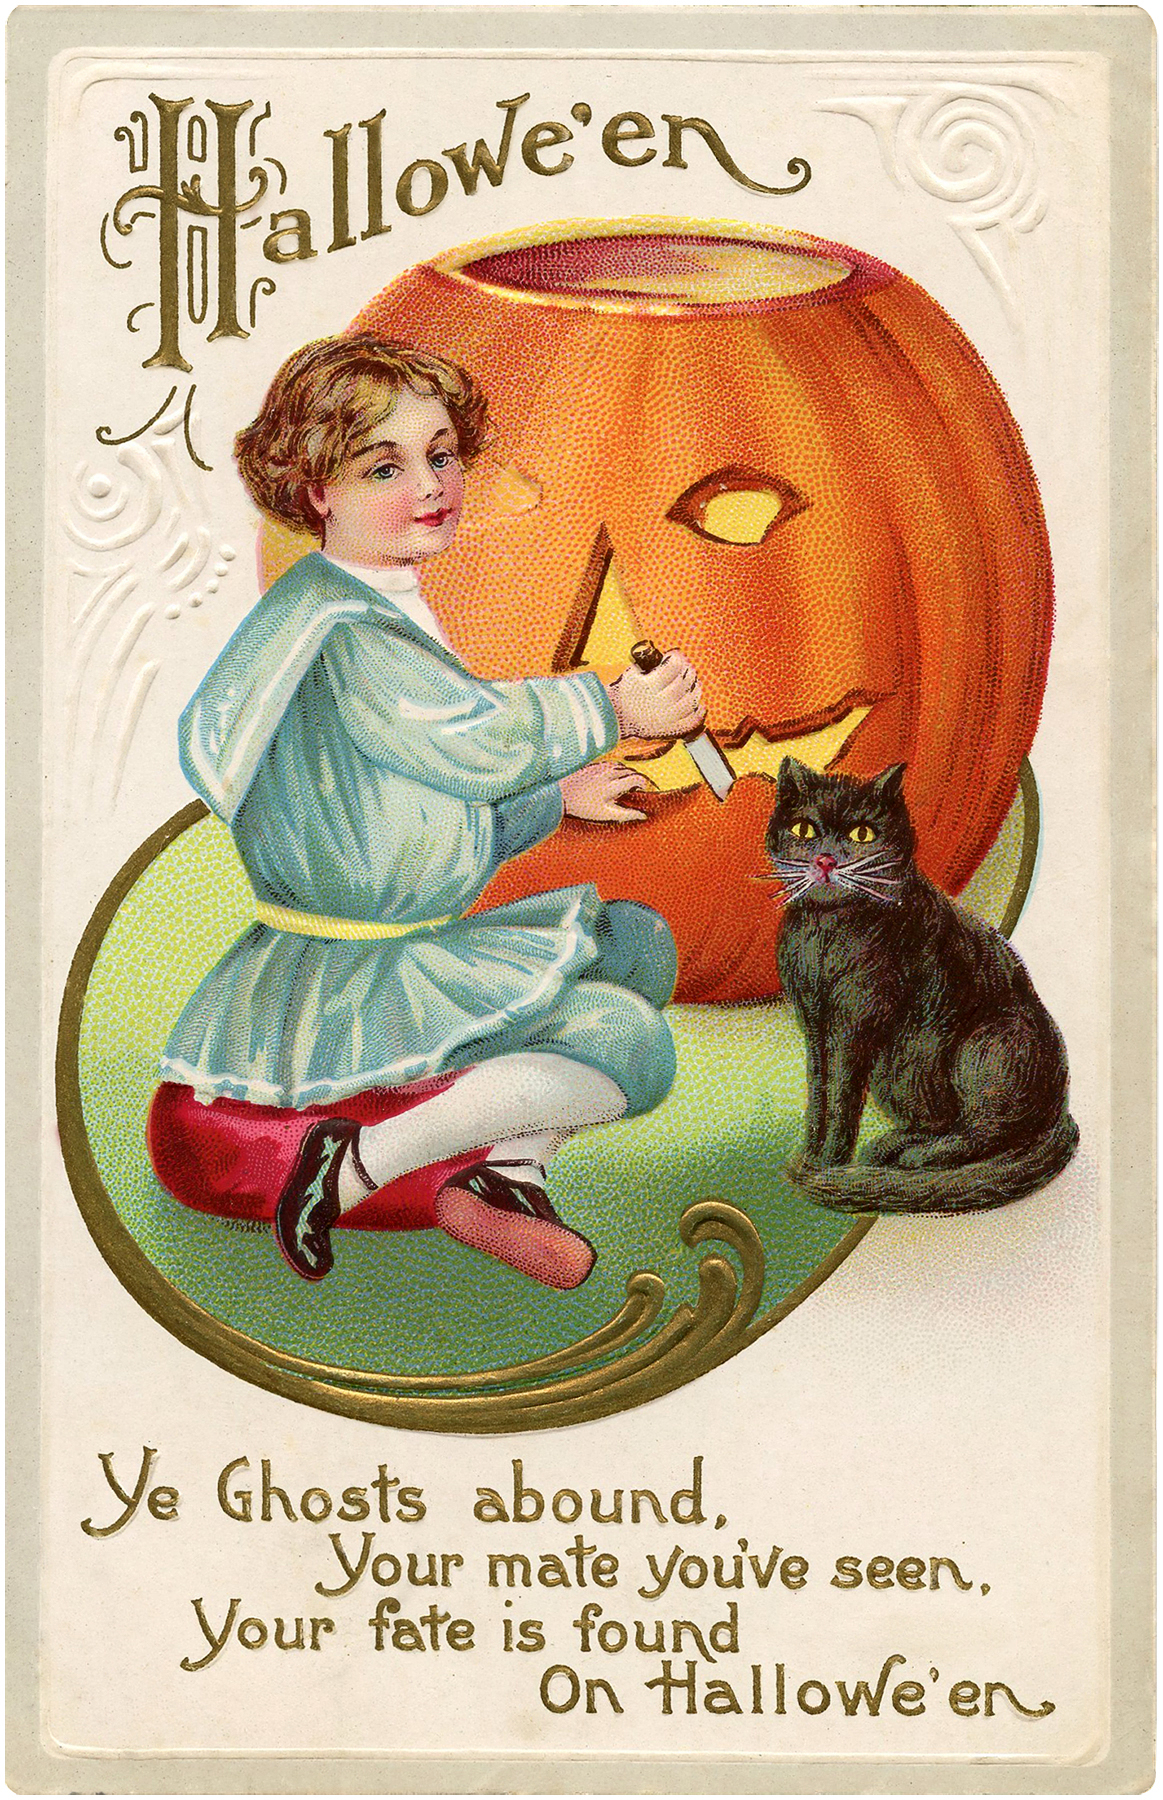 Vintage Pumpkin Carving Image